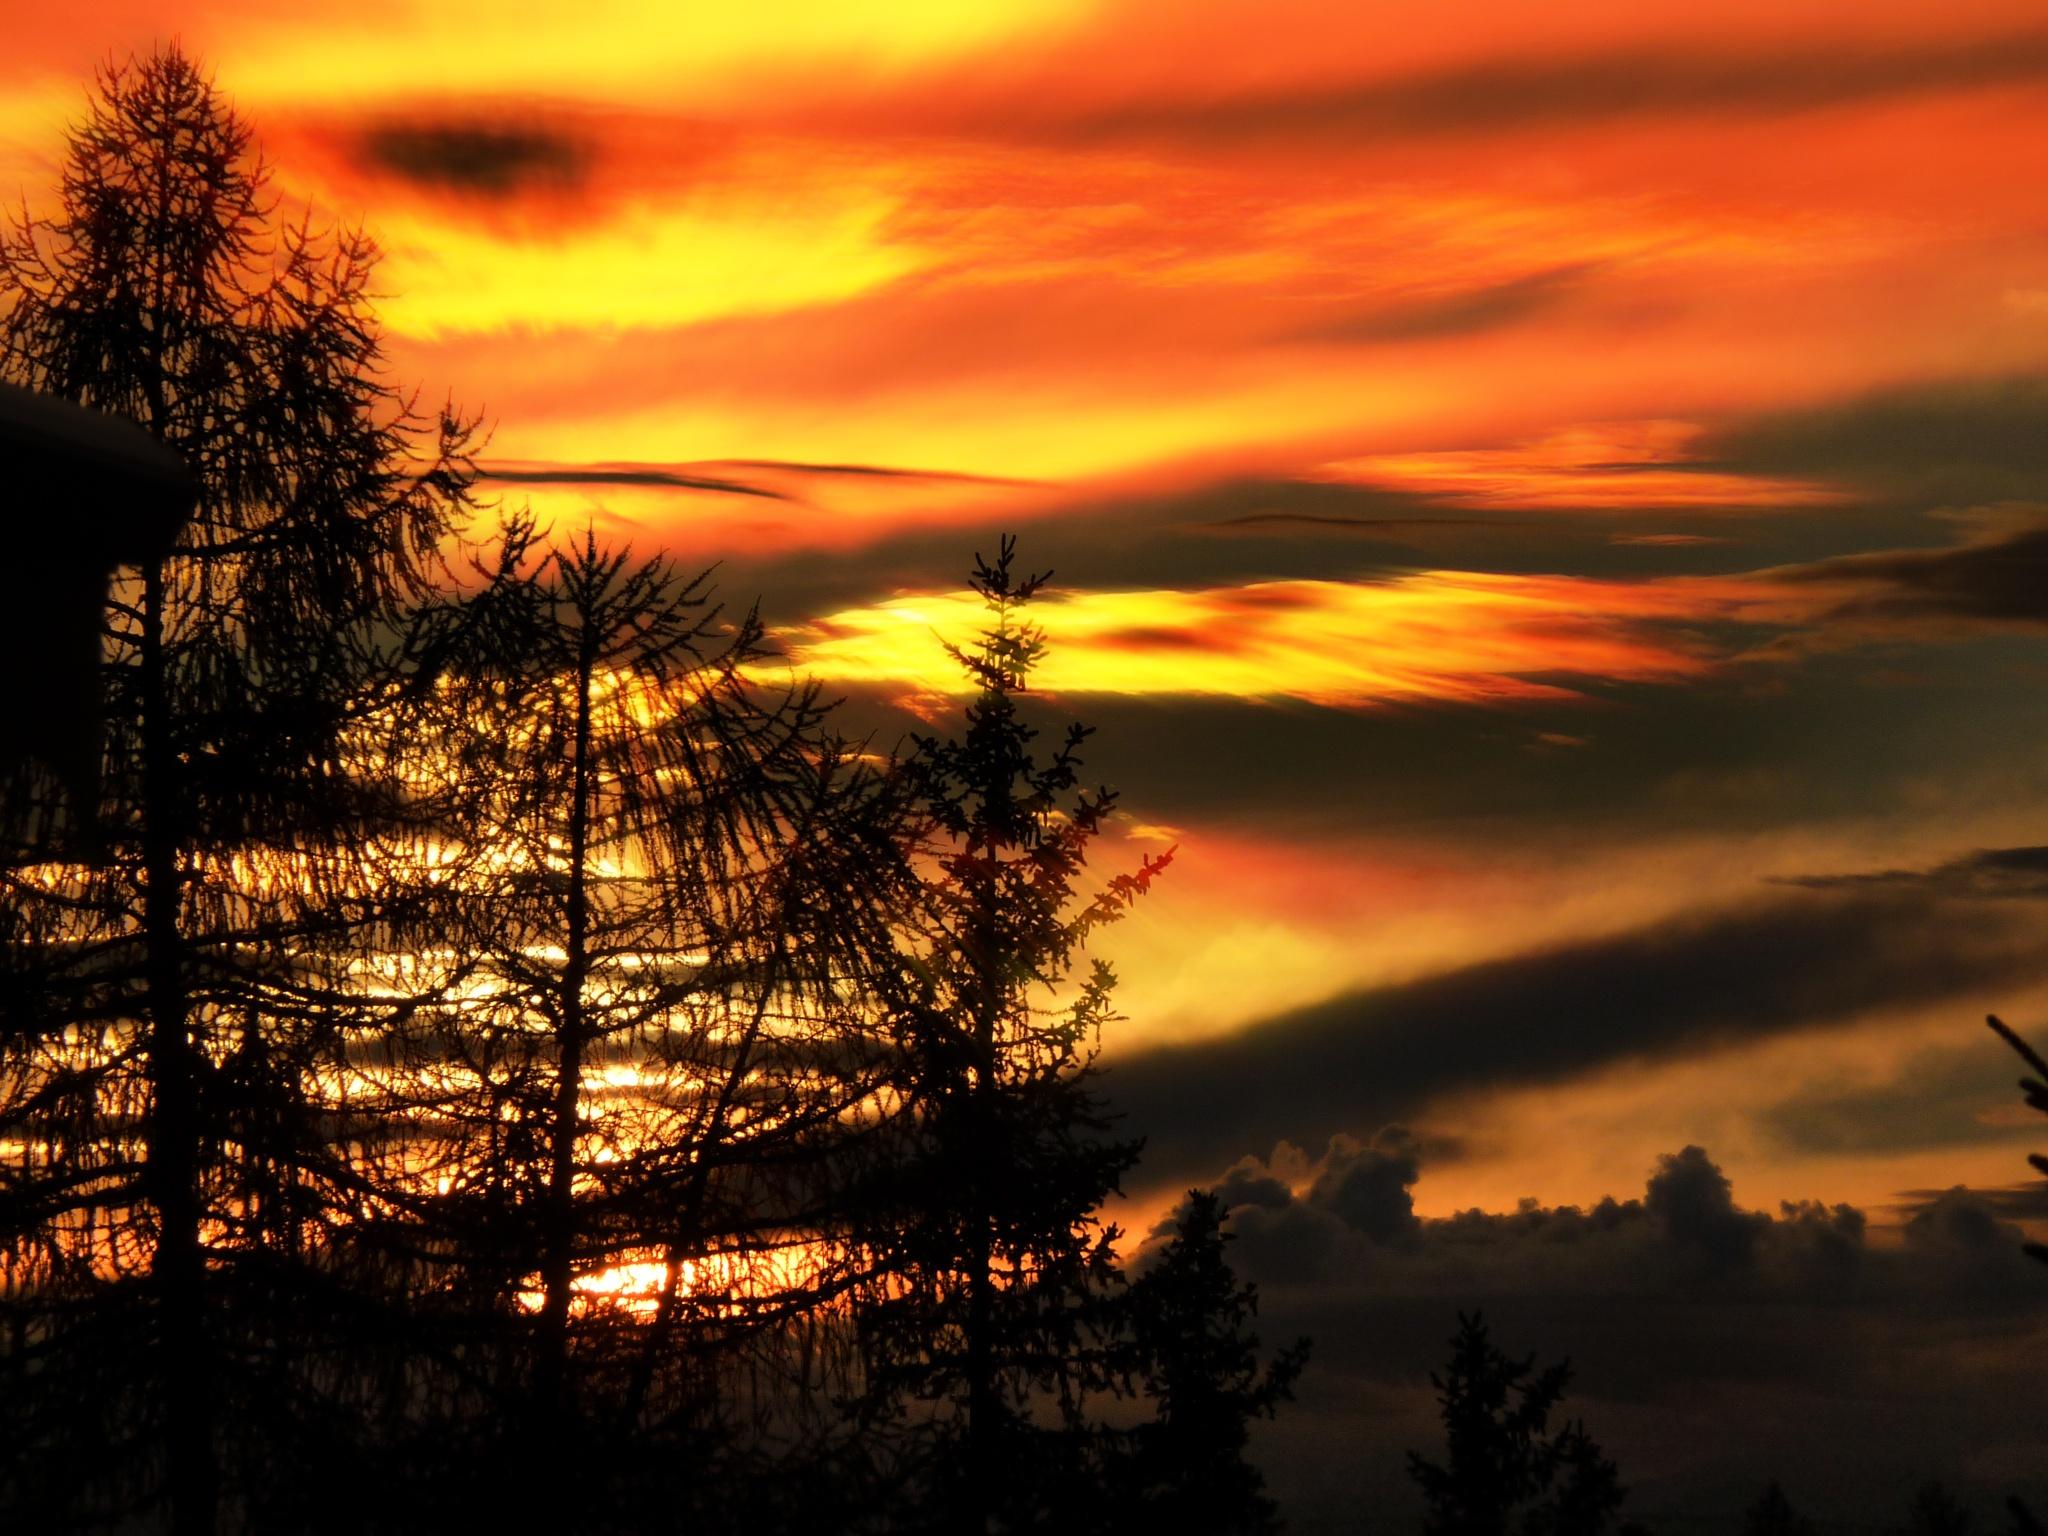 Abendhimmel by Bernd Titelius